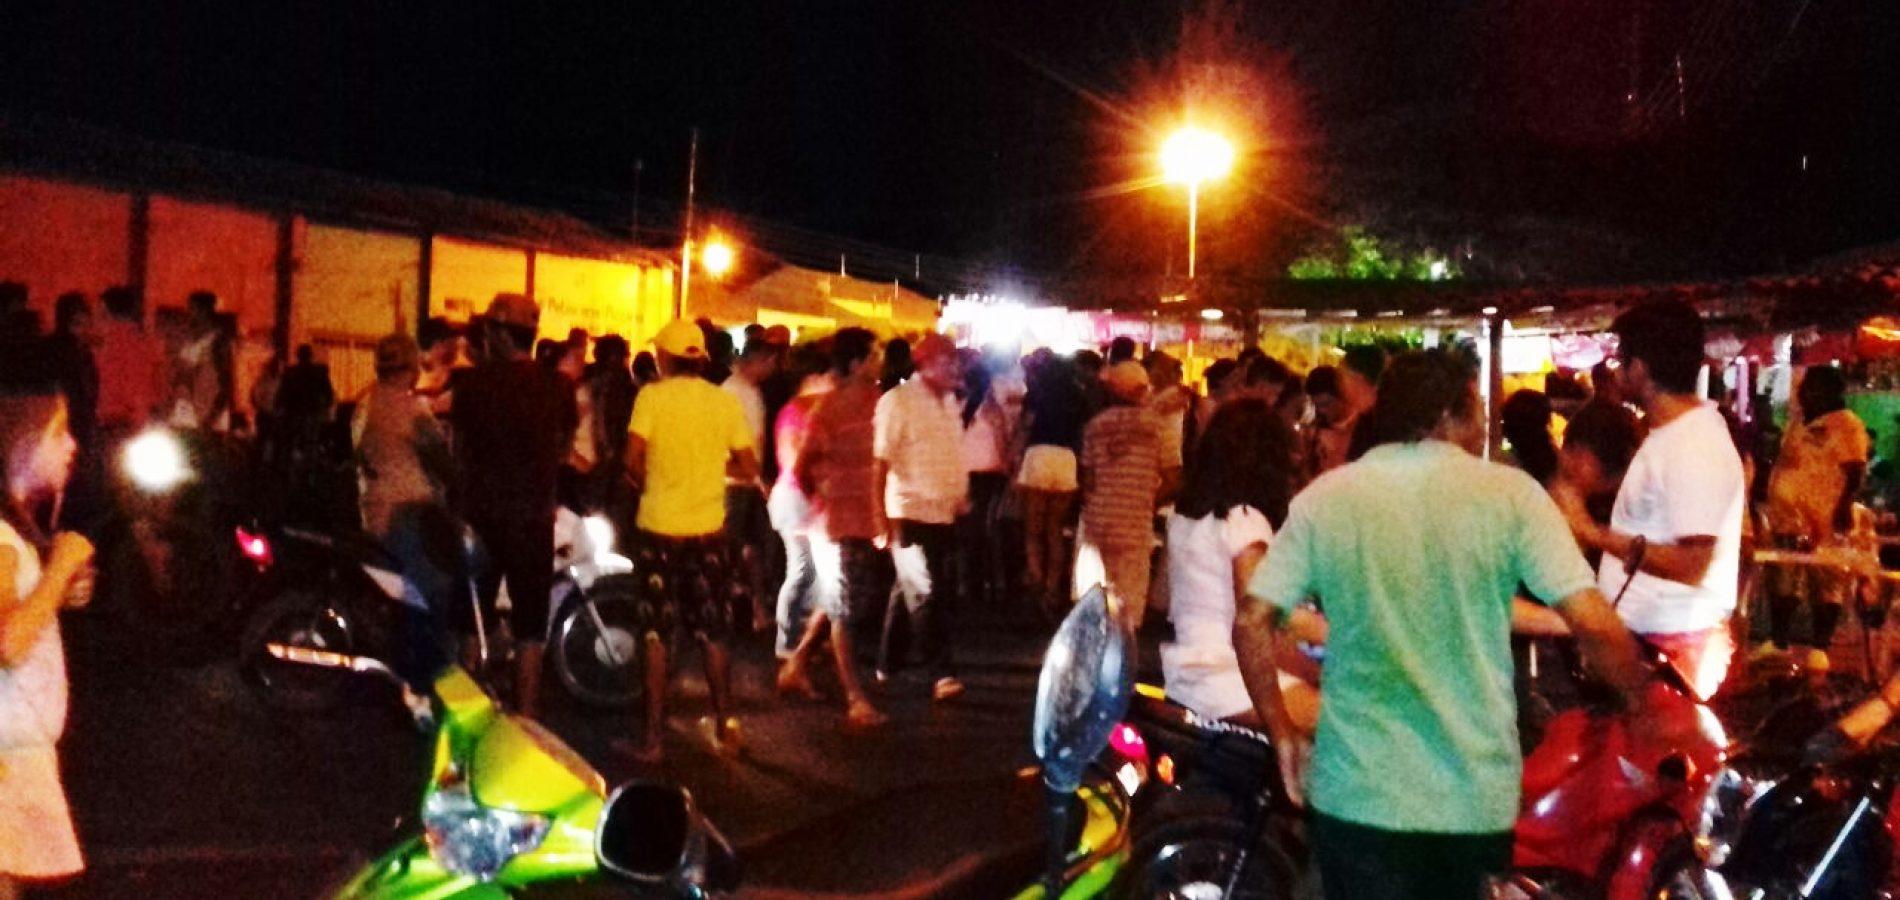 Vendedor de carros é assassinado a tiros em Alegrete do Piauí; veja fotos do local